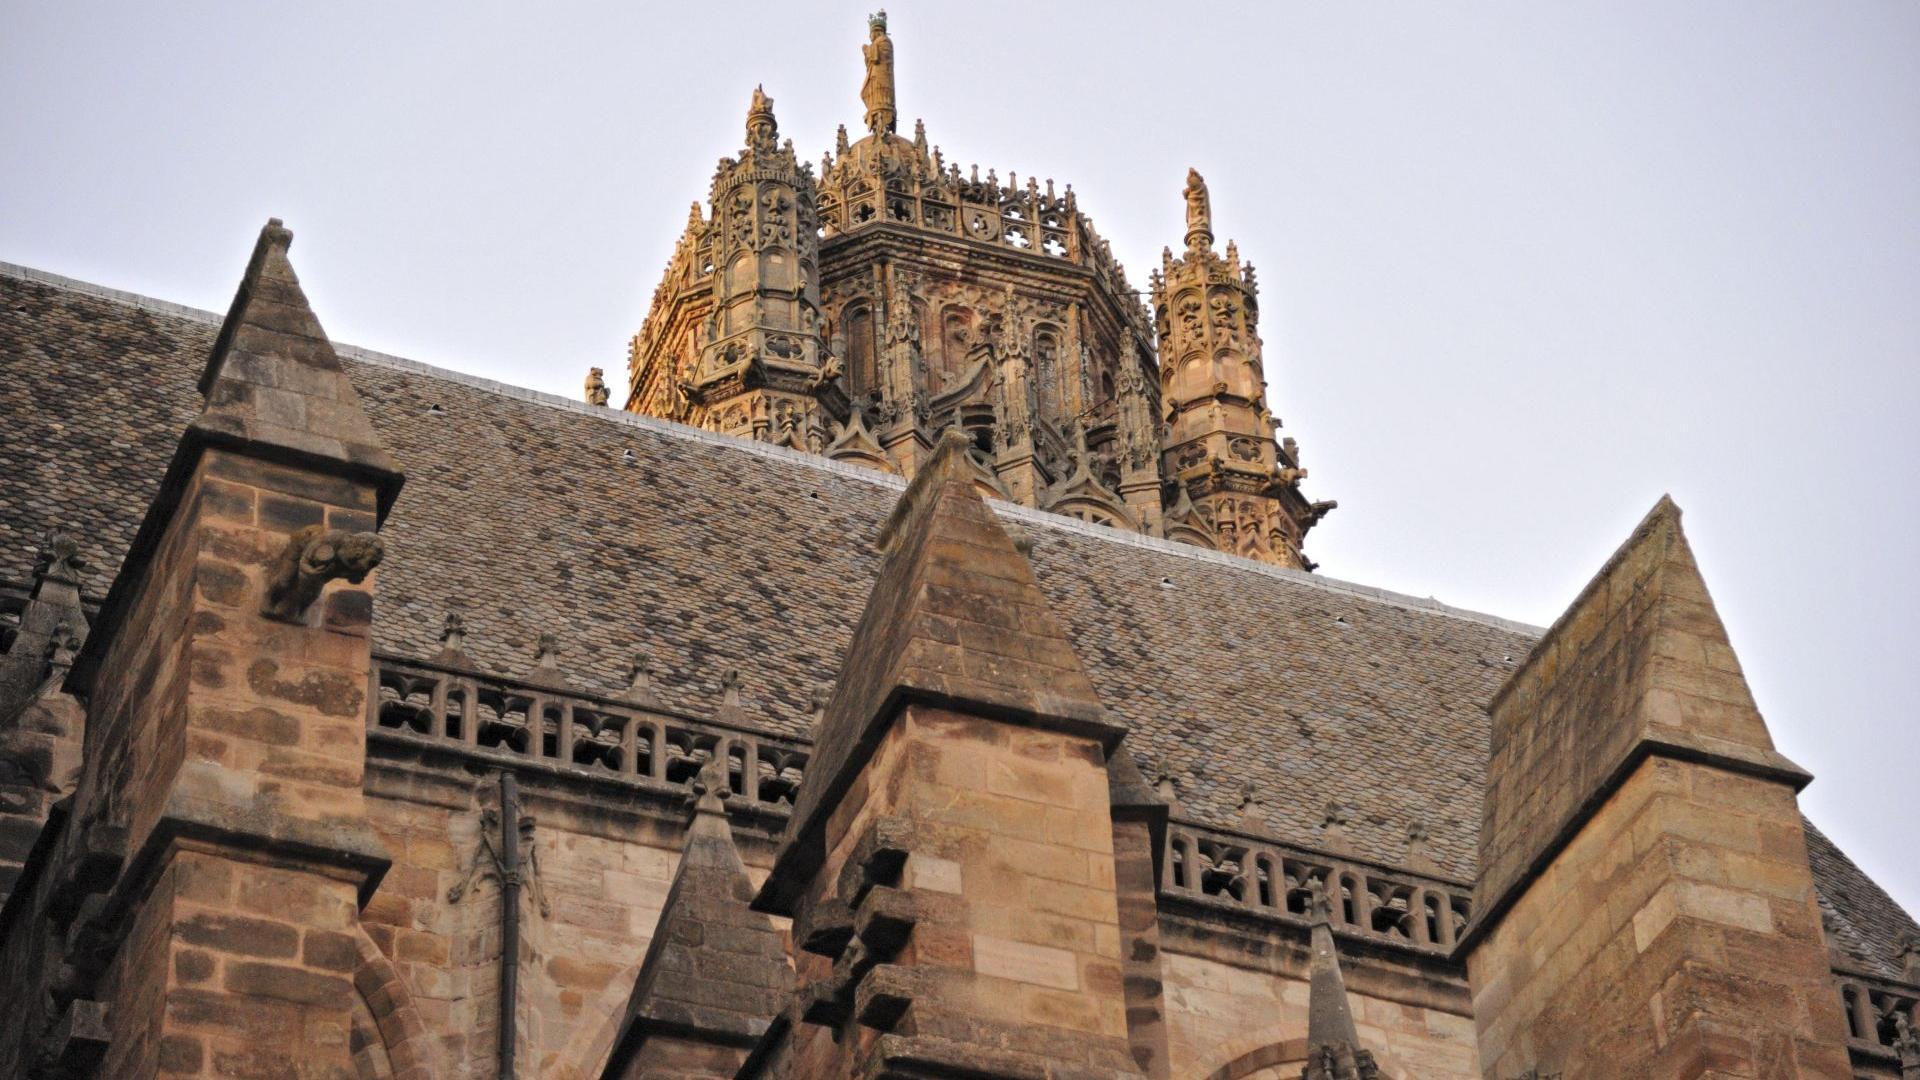 Vue croisée du clocher et du toit de la cathédrale de Rodez